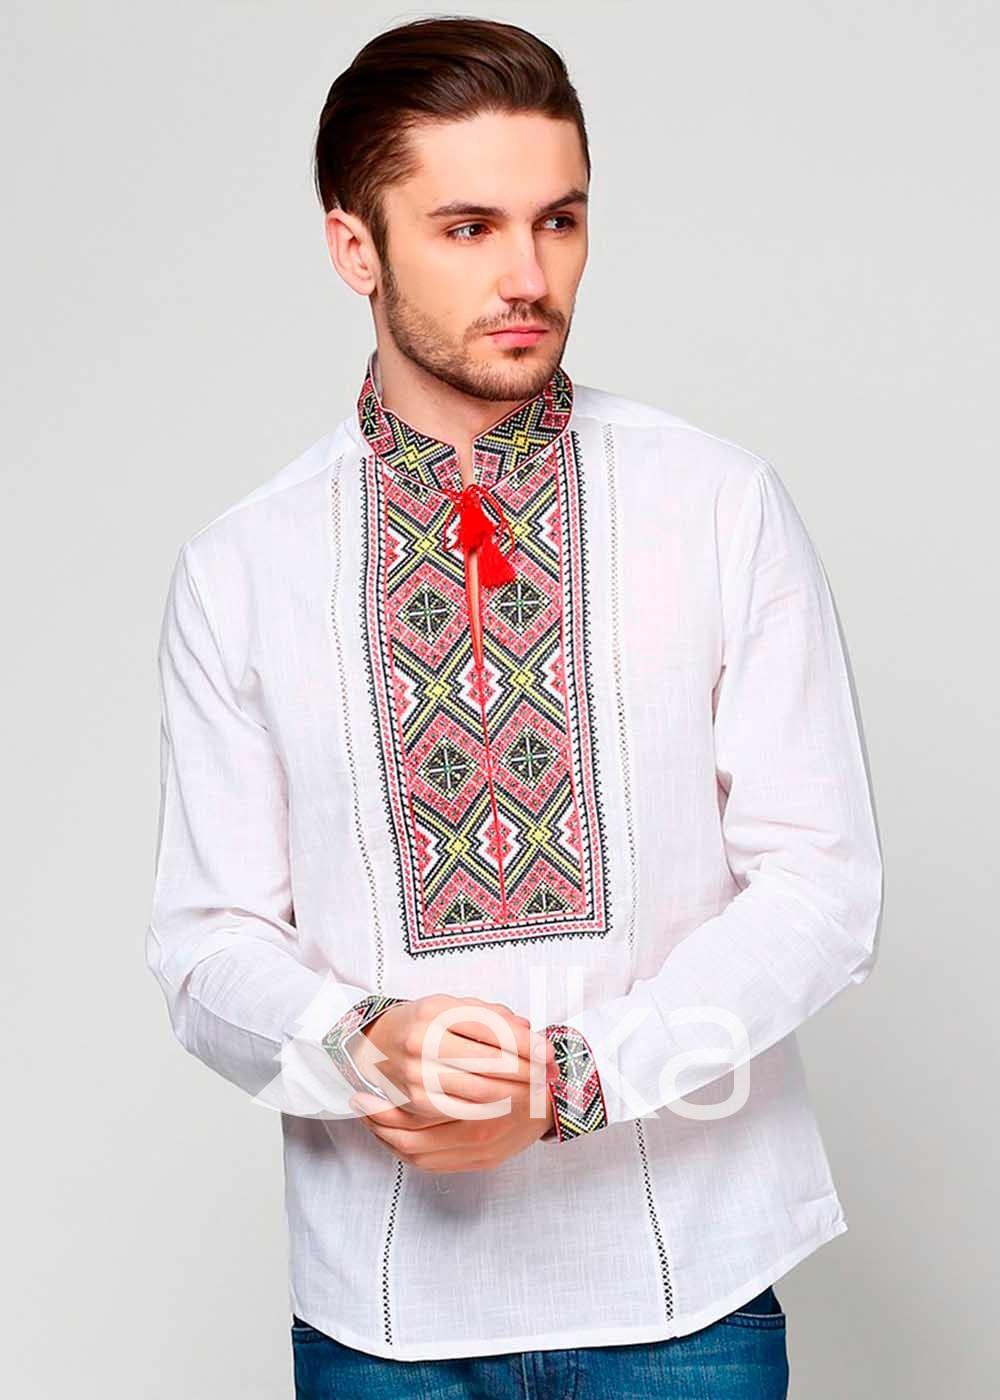 Мужская вышиванка Закарпатская